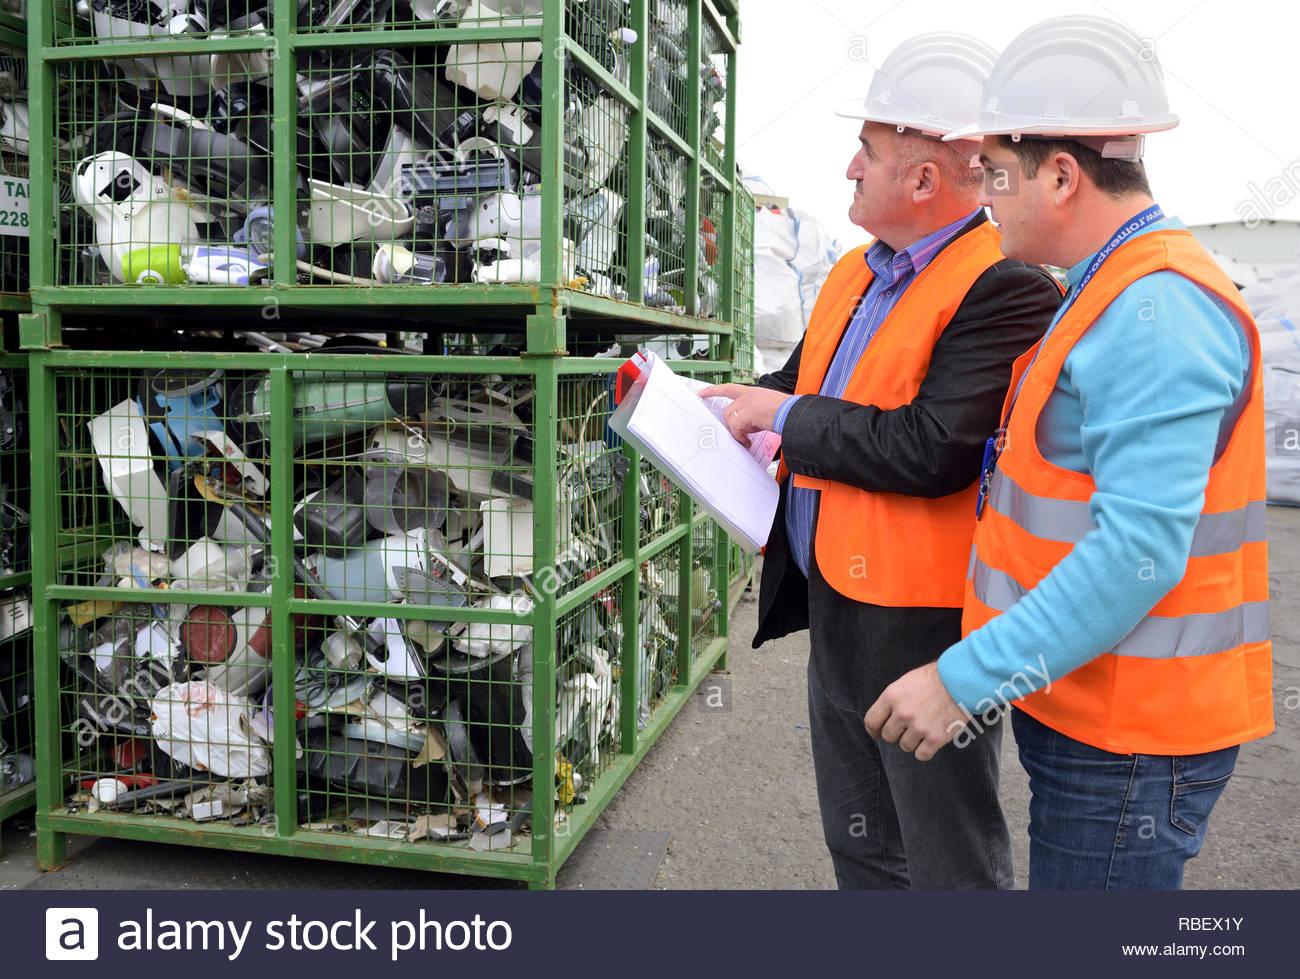 Bucarest, Rumania - Octubre 2013: Los directivos de una planta de reciclado y discutir el plan de acción sobre cómo organizar la basura electrónica en una planta de reciclaje Imagen De Stock